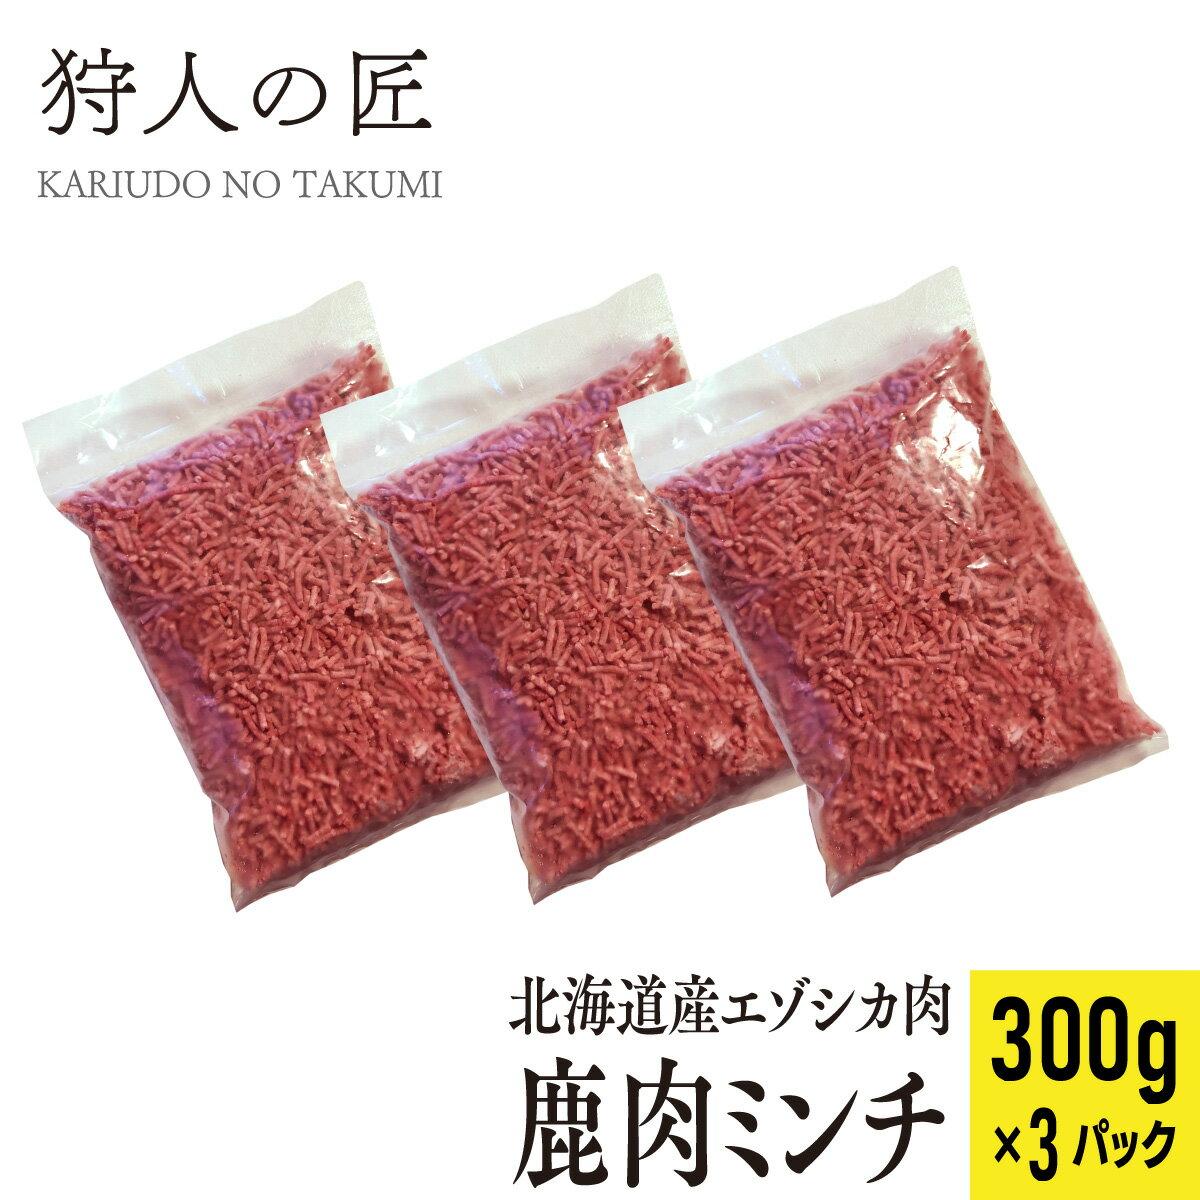 狩人の匠『北海道産エゾシカ肉鹿肉ミンチ』